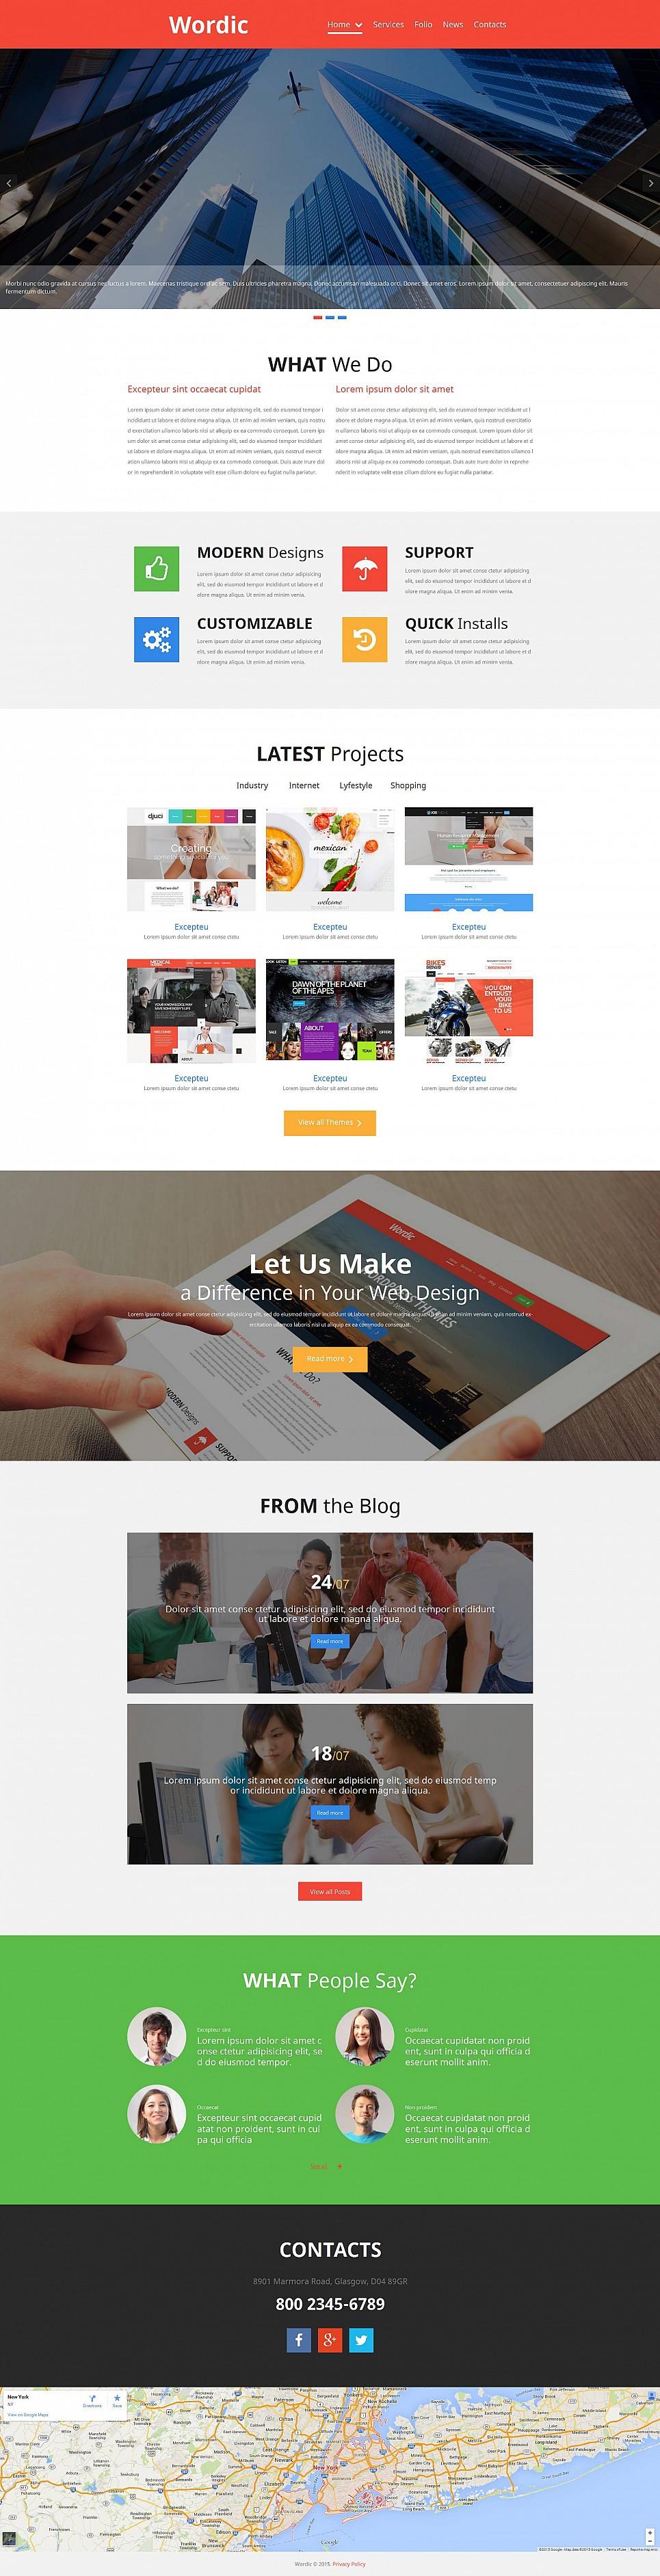 Homepage-Vorlage für eine Web Design Agentur - image